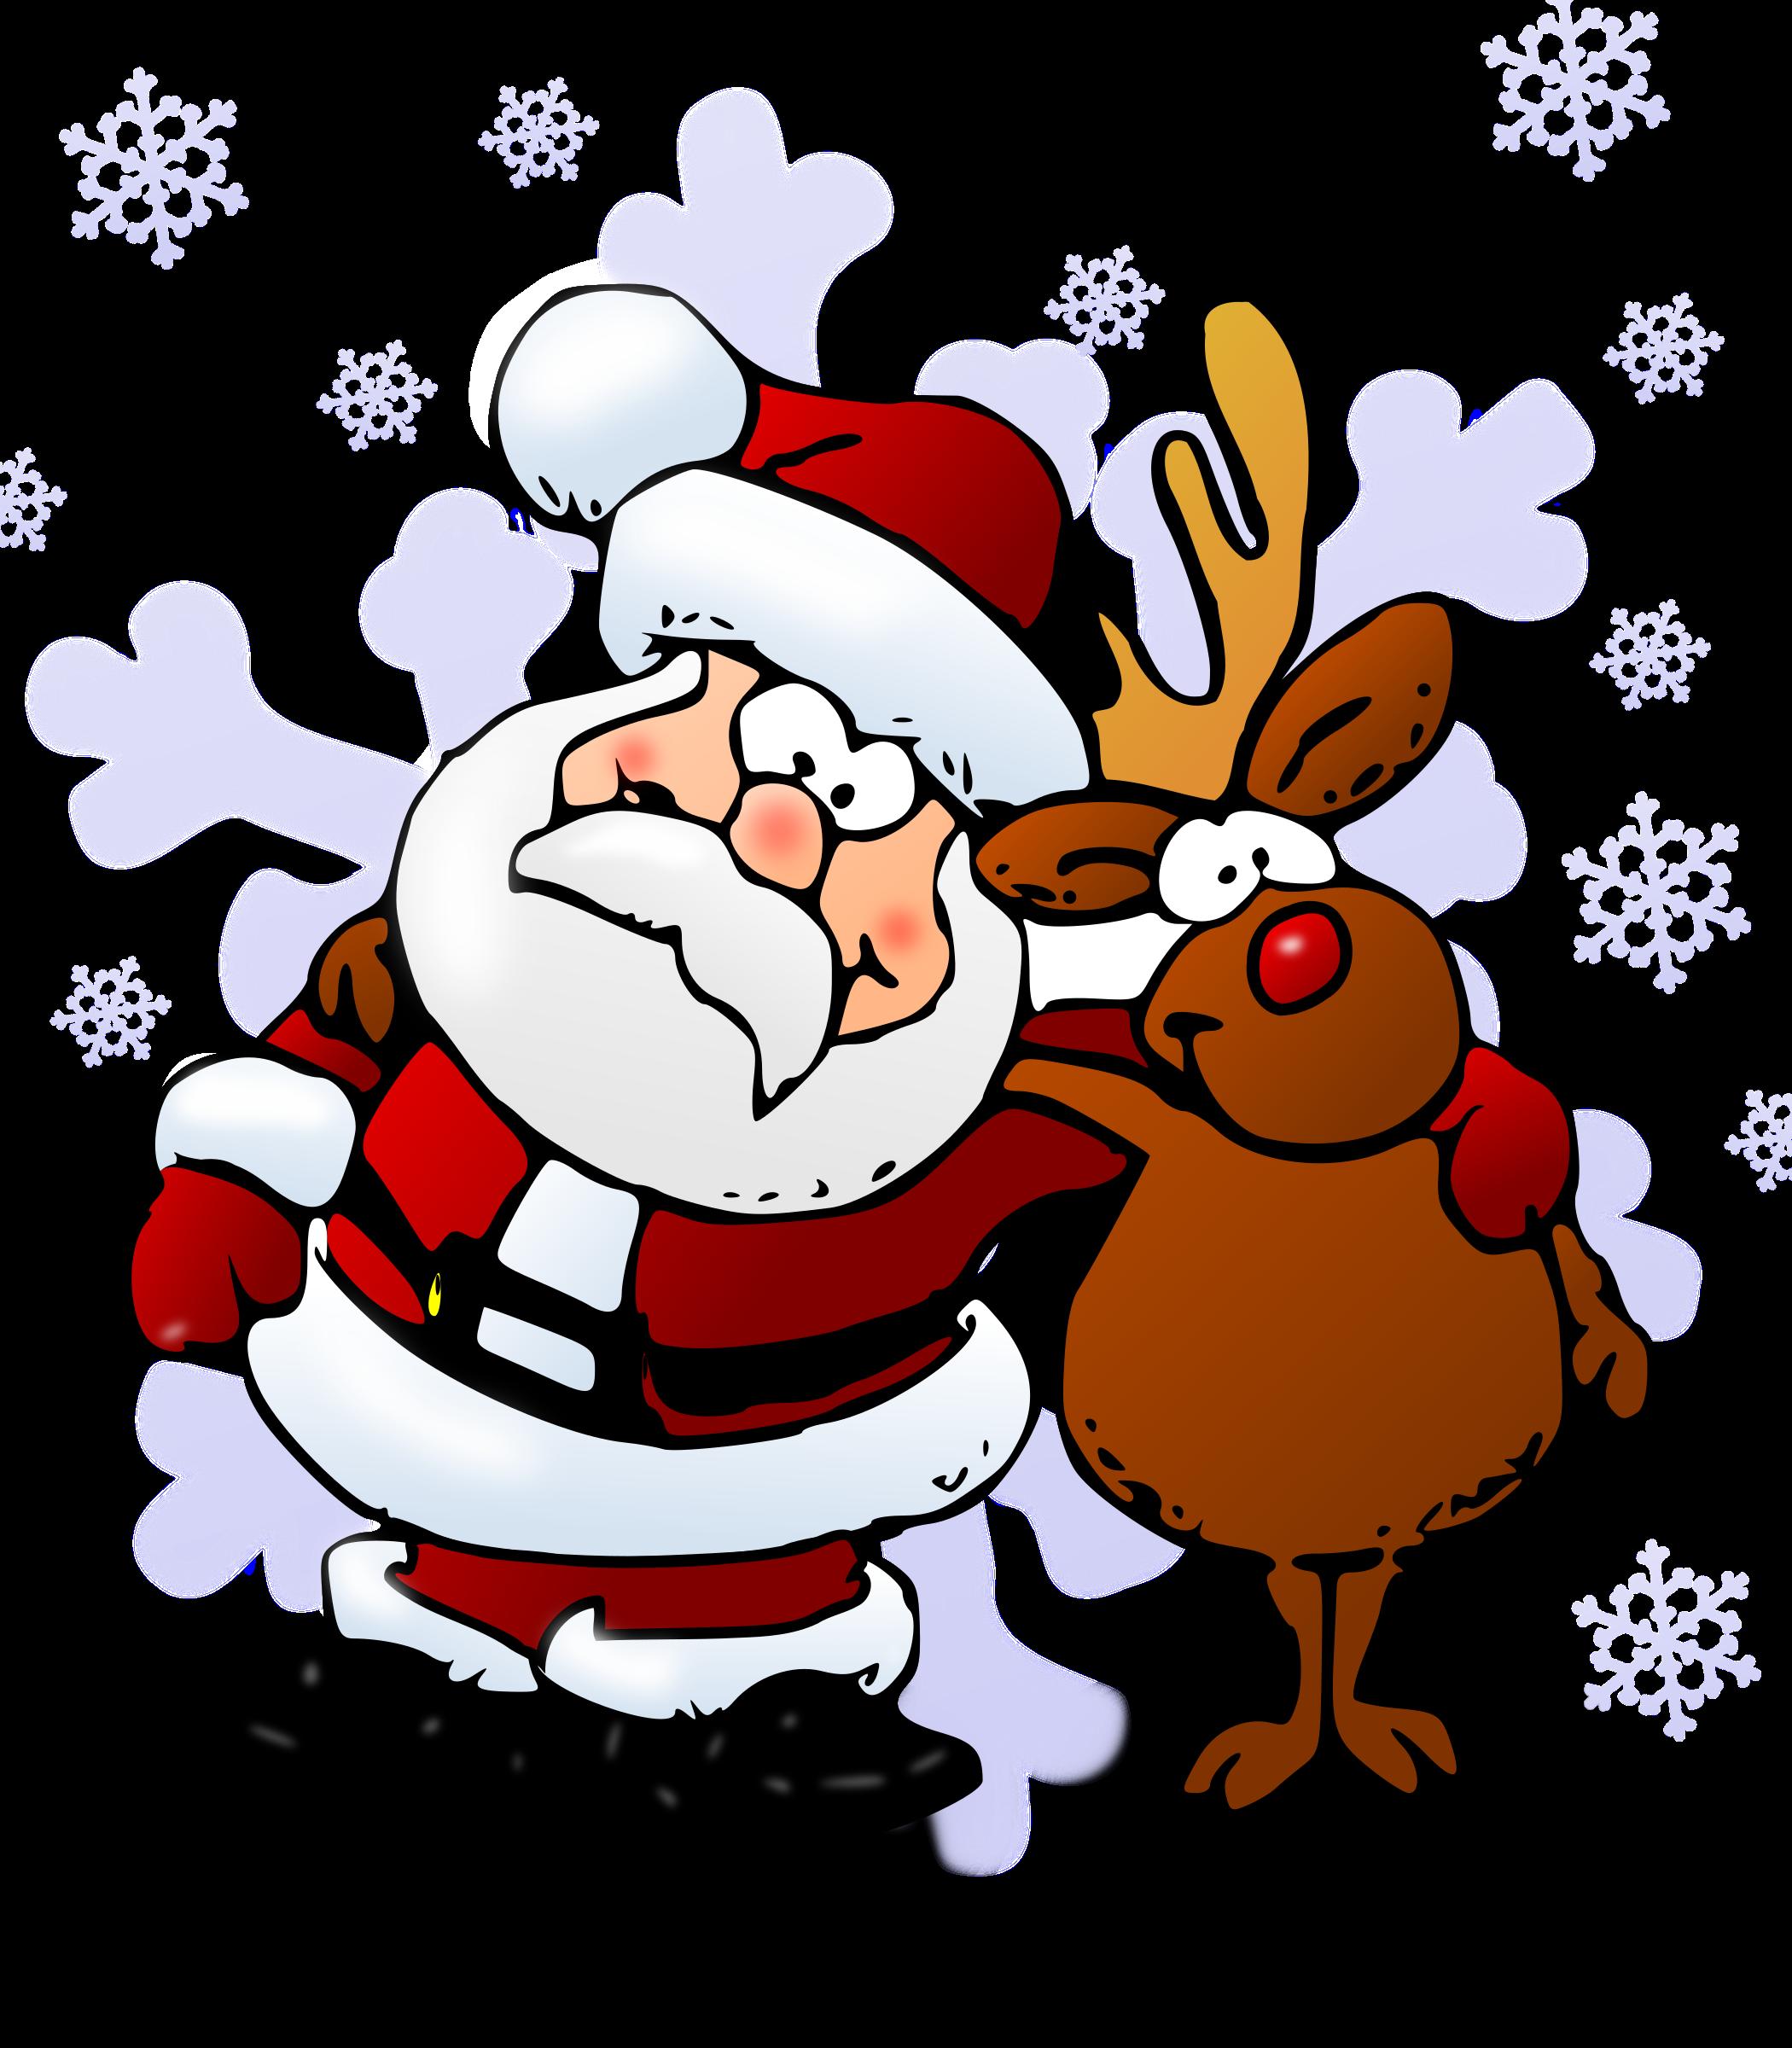 """20-21-22 Dic, """"Femmu Natale!"""" i mercatini di Natale di Casella"""